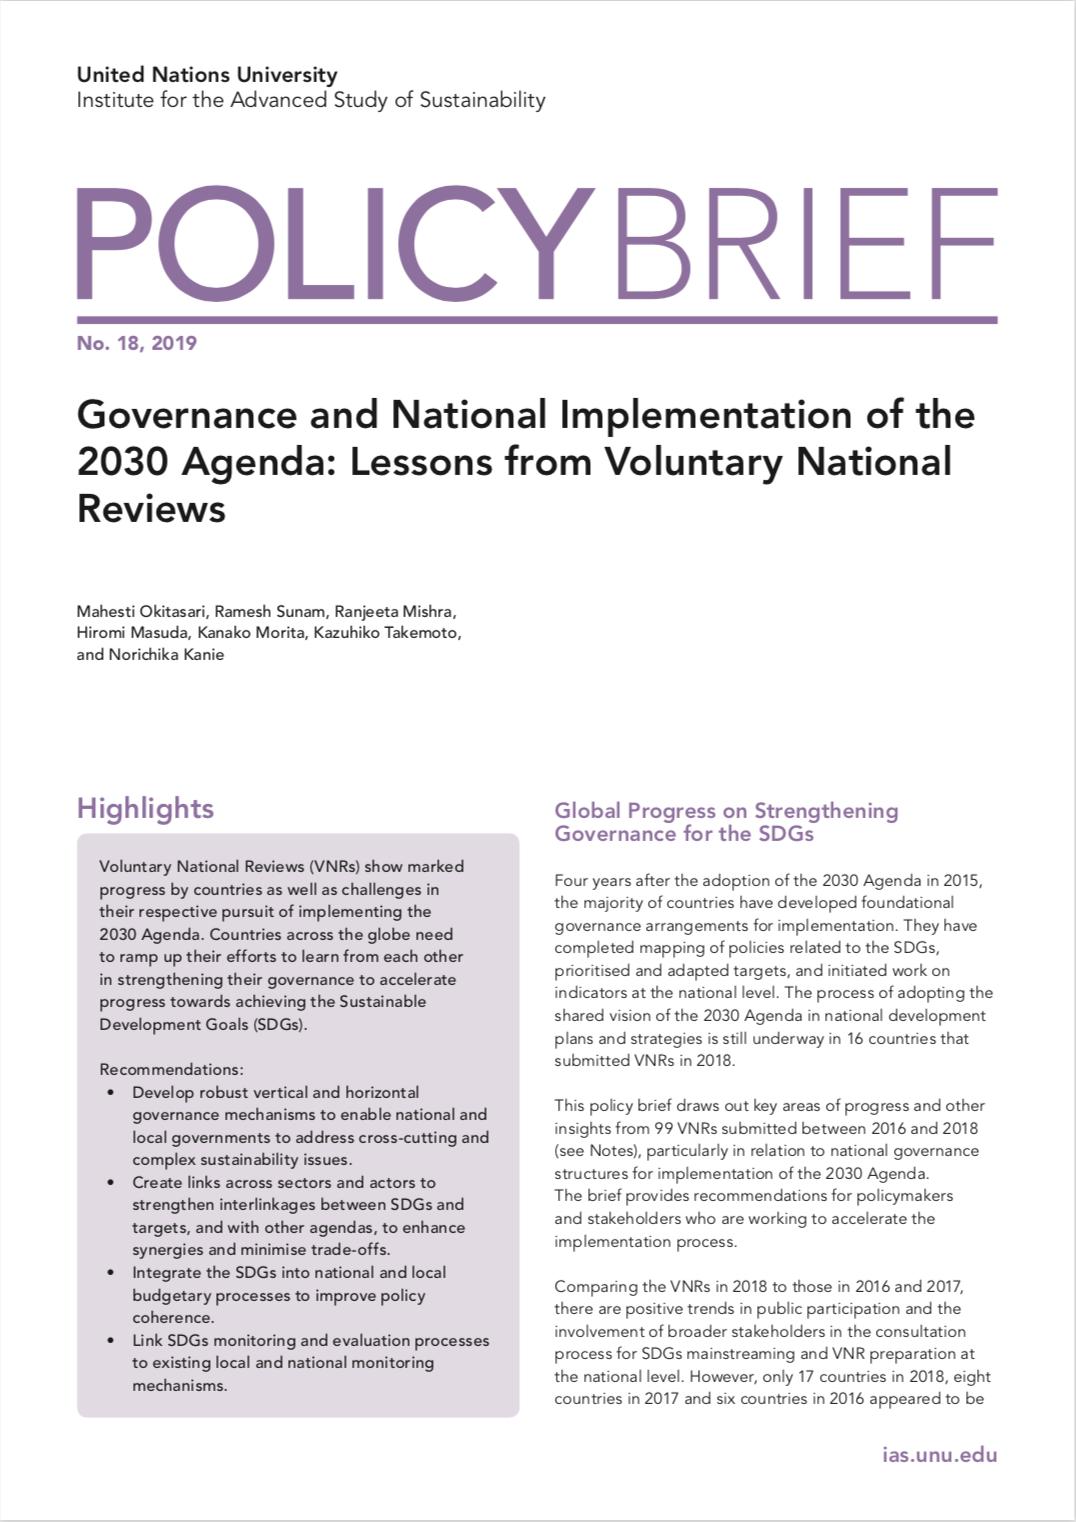 UNU-IAS Policy Brief No. 18, 2019